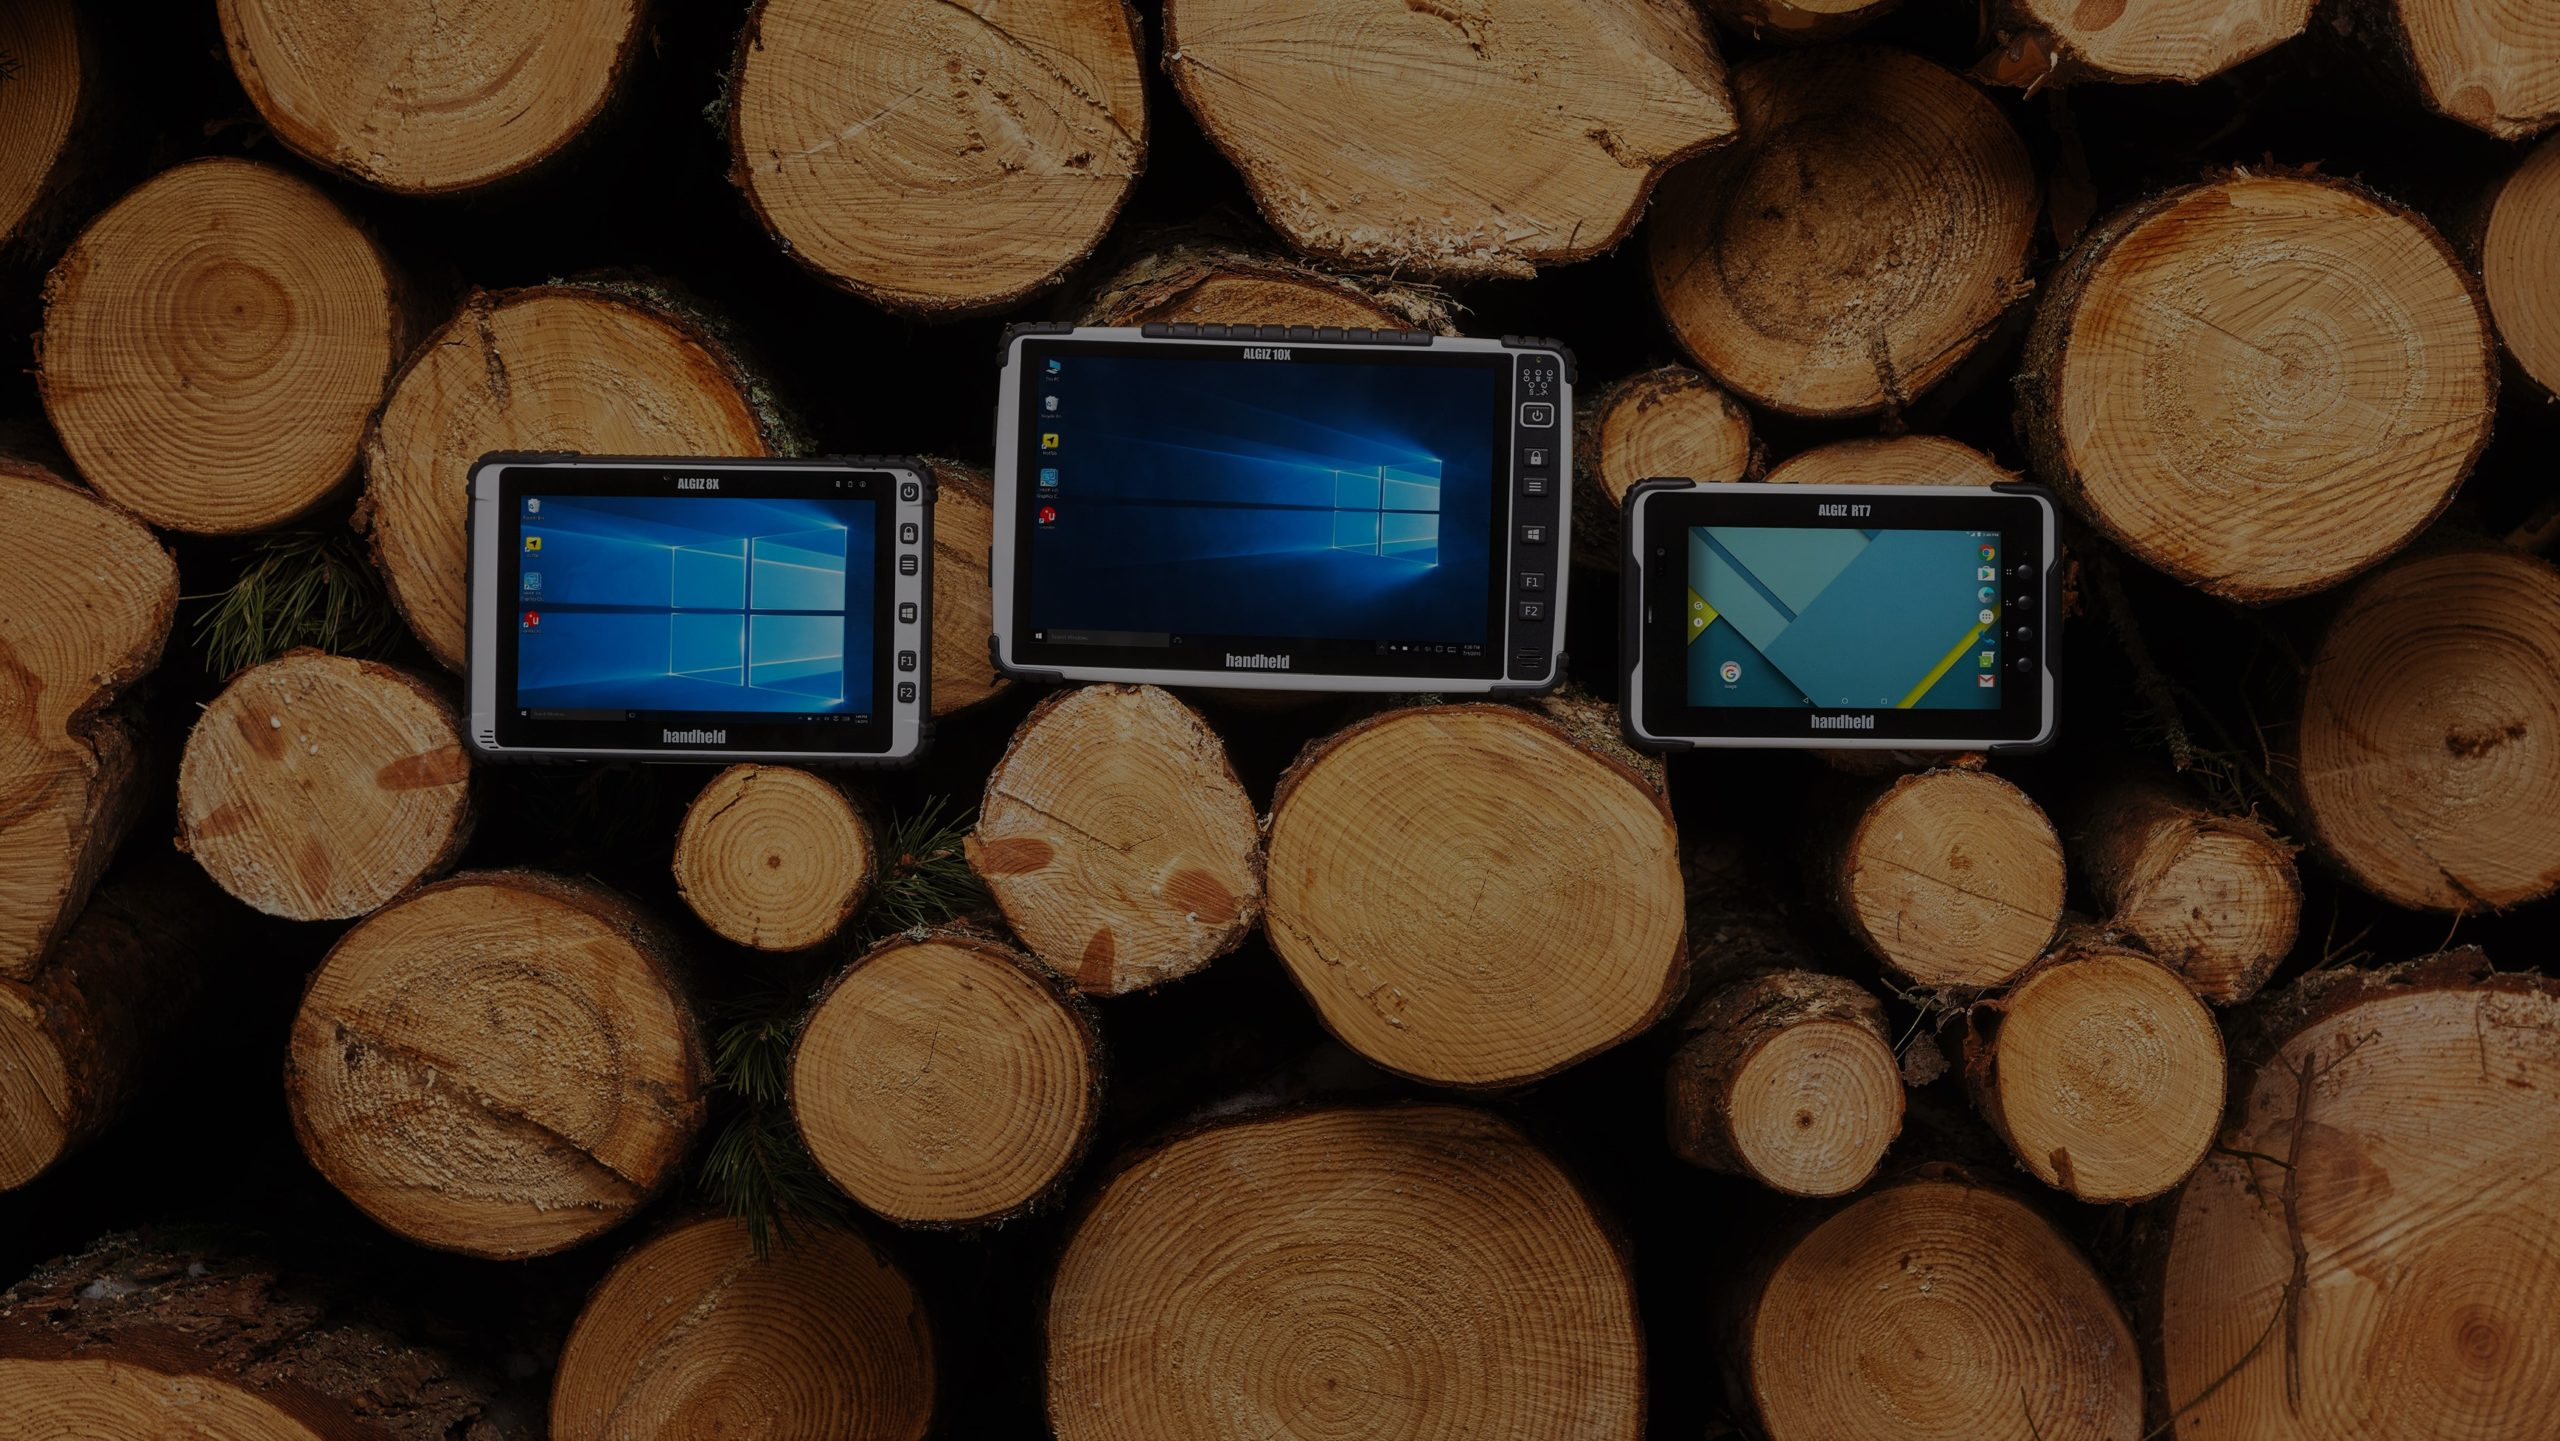 Distribuidor oficial Handheld en España